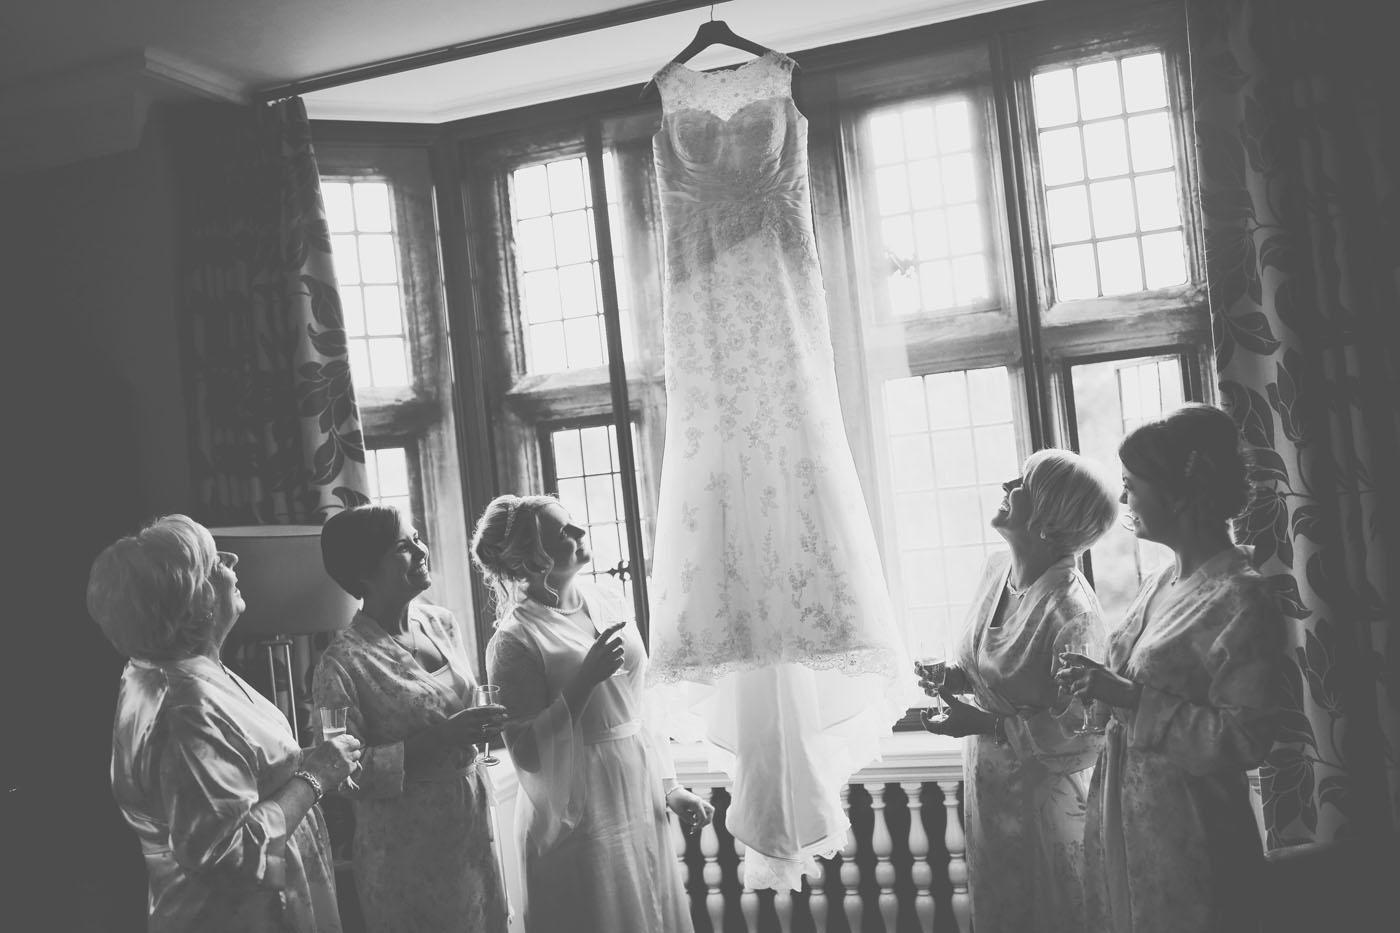 examining the wedding dress